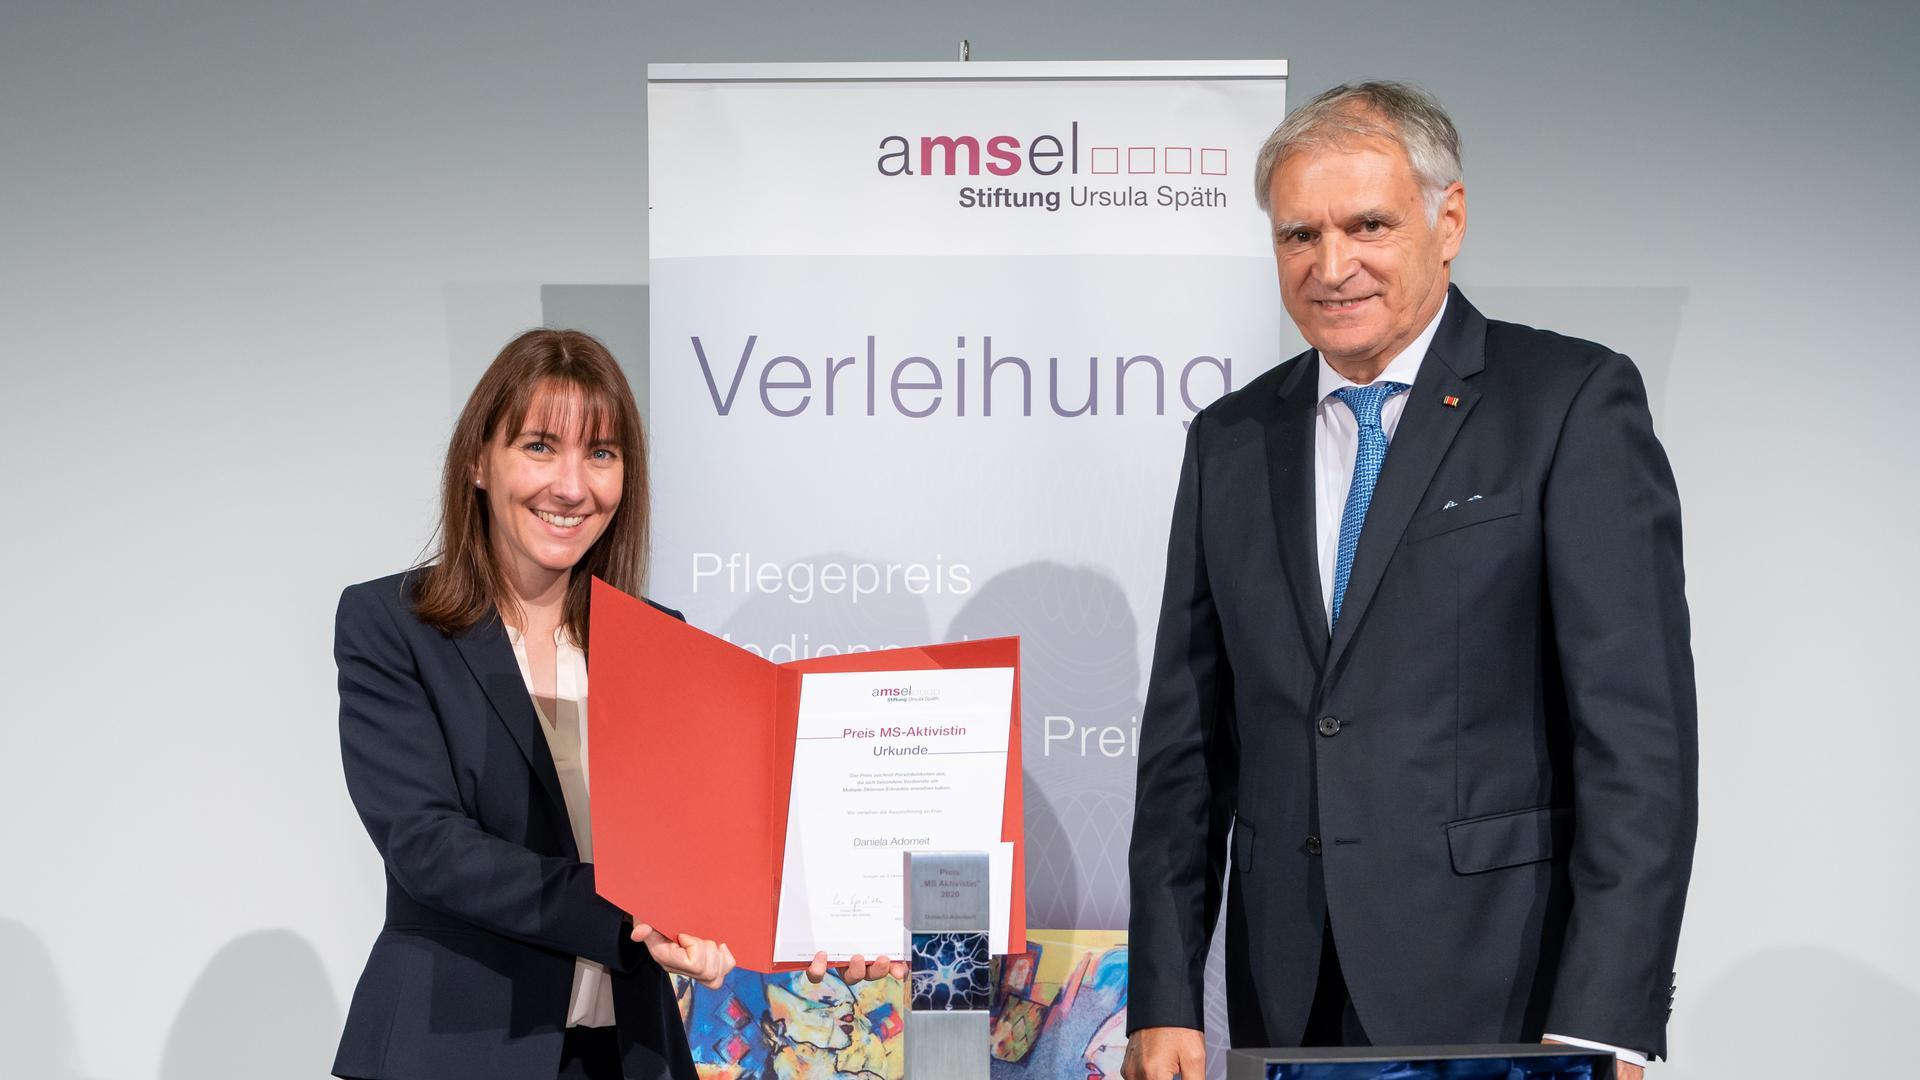 Ausgezeichnet: Die Ettlingerin Daniela Adomeit bekam für ihren Einsatz für MS-Erkrankte einen Sonderpreis der AMSEL-Stiftung.